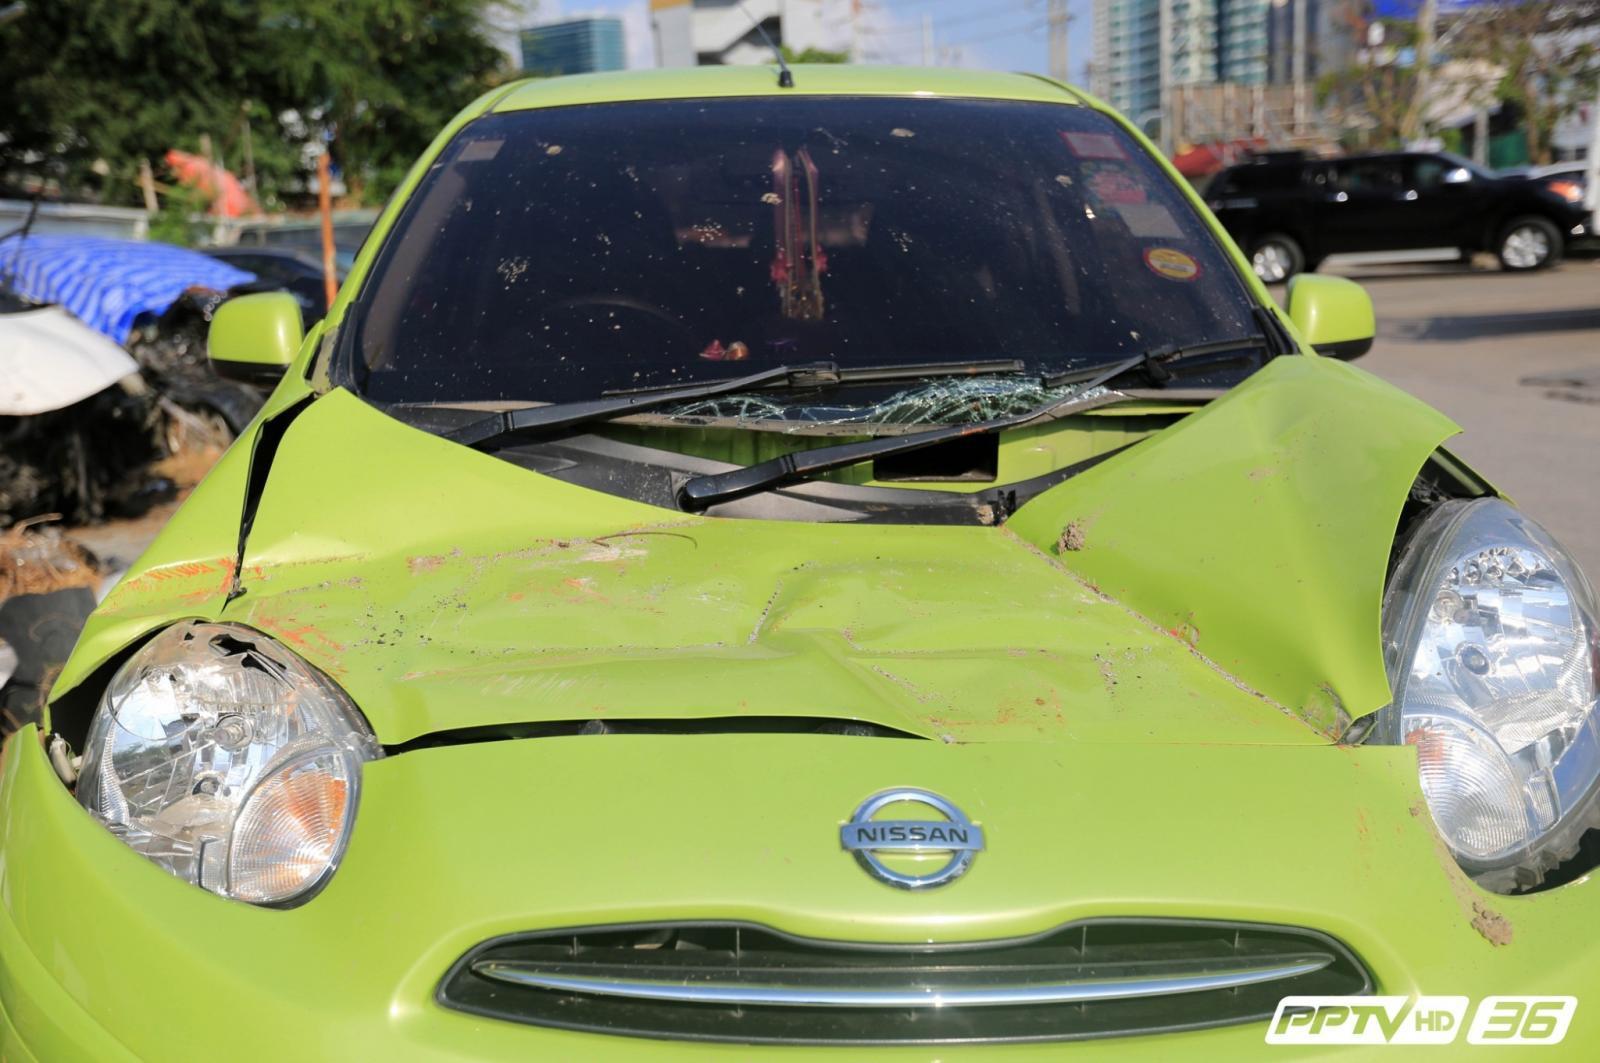 รฟม. สั่งอิตาเลียนไทยฯซื้อรถใหม่ ให้หากเสียหายหนัก